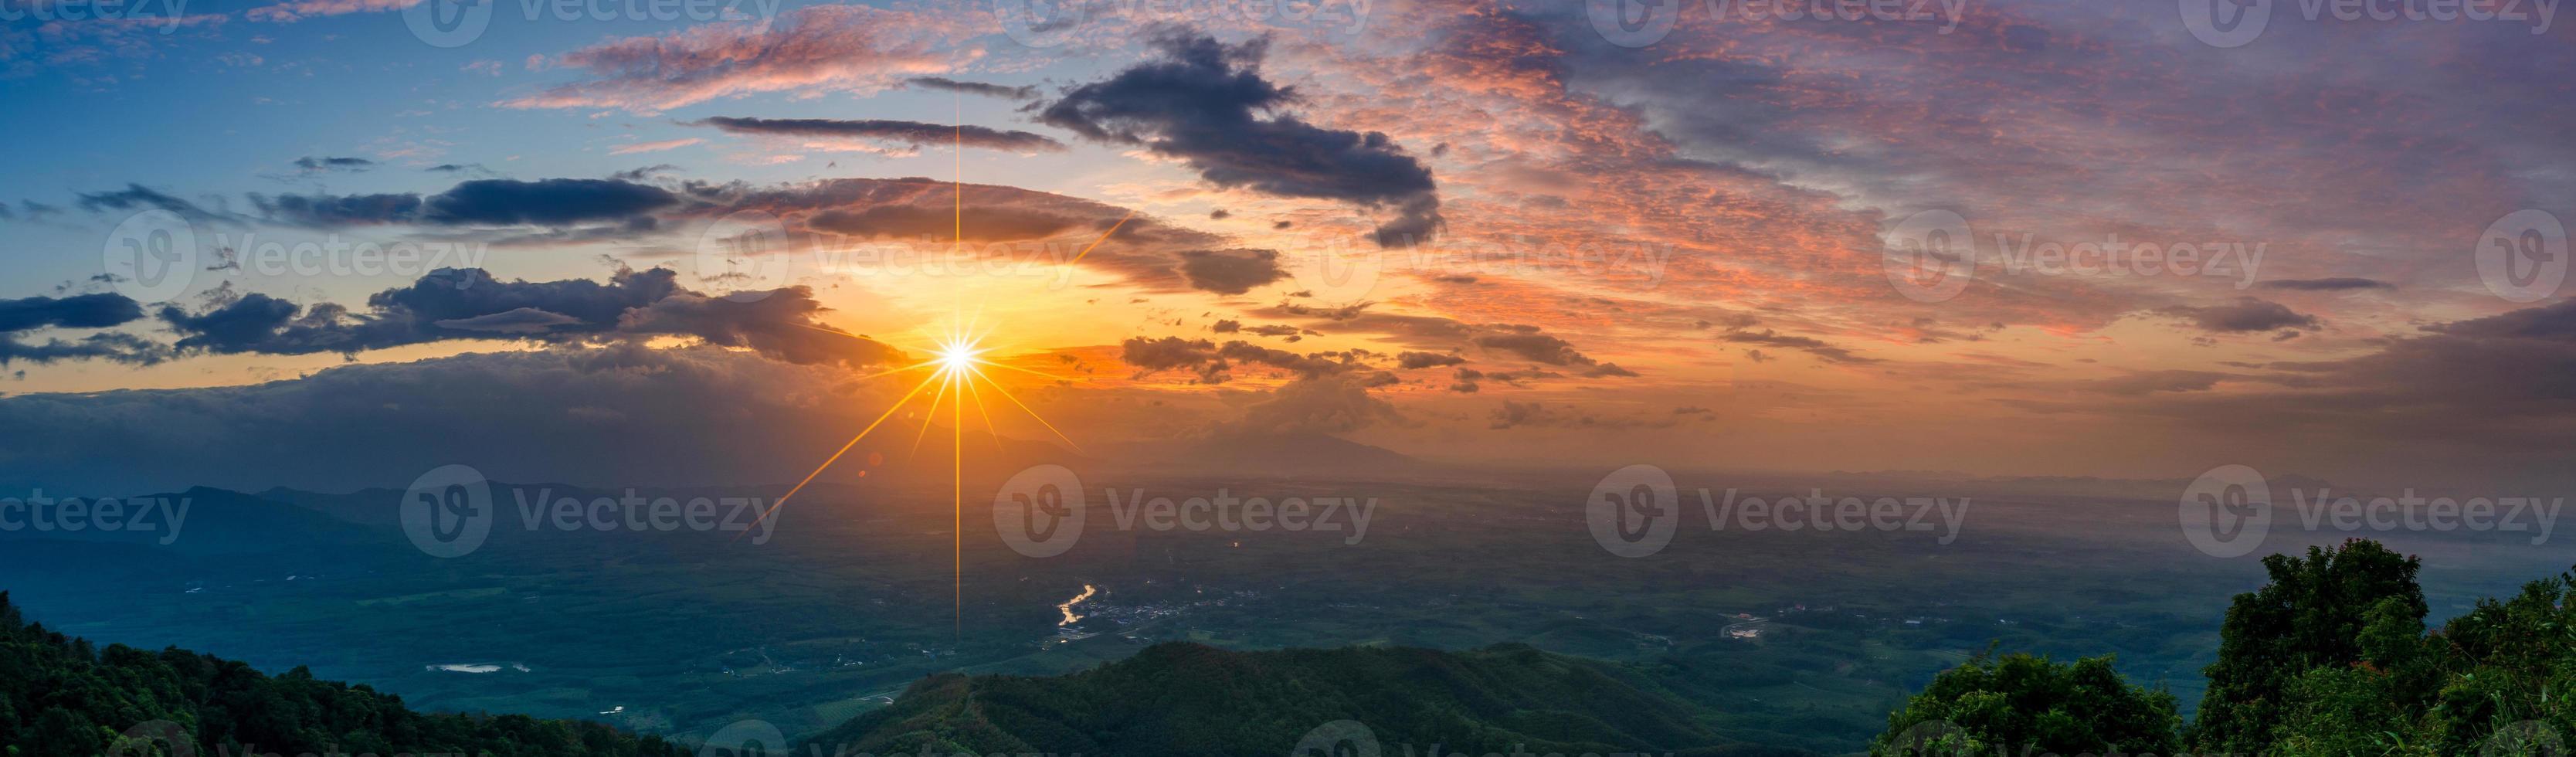 Foto de panorama de montaña sol de la mañana Tailandia vista en la cima de la colina con hermosas puestas de sol. distrito de nakhon si thammarat chawang